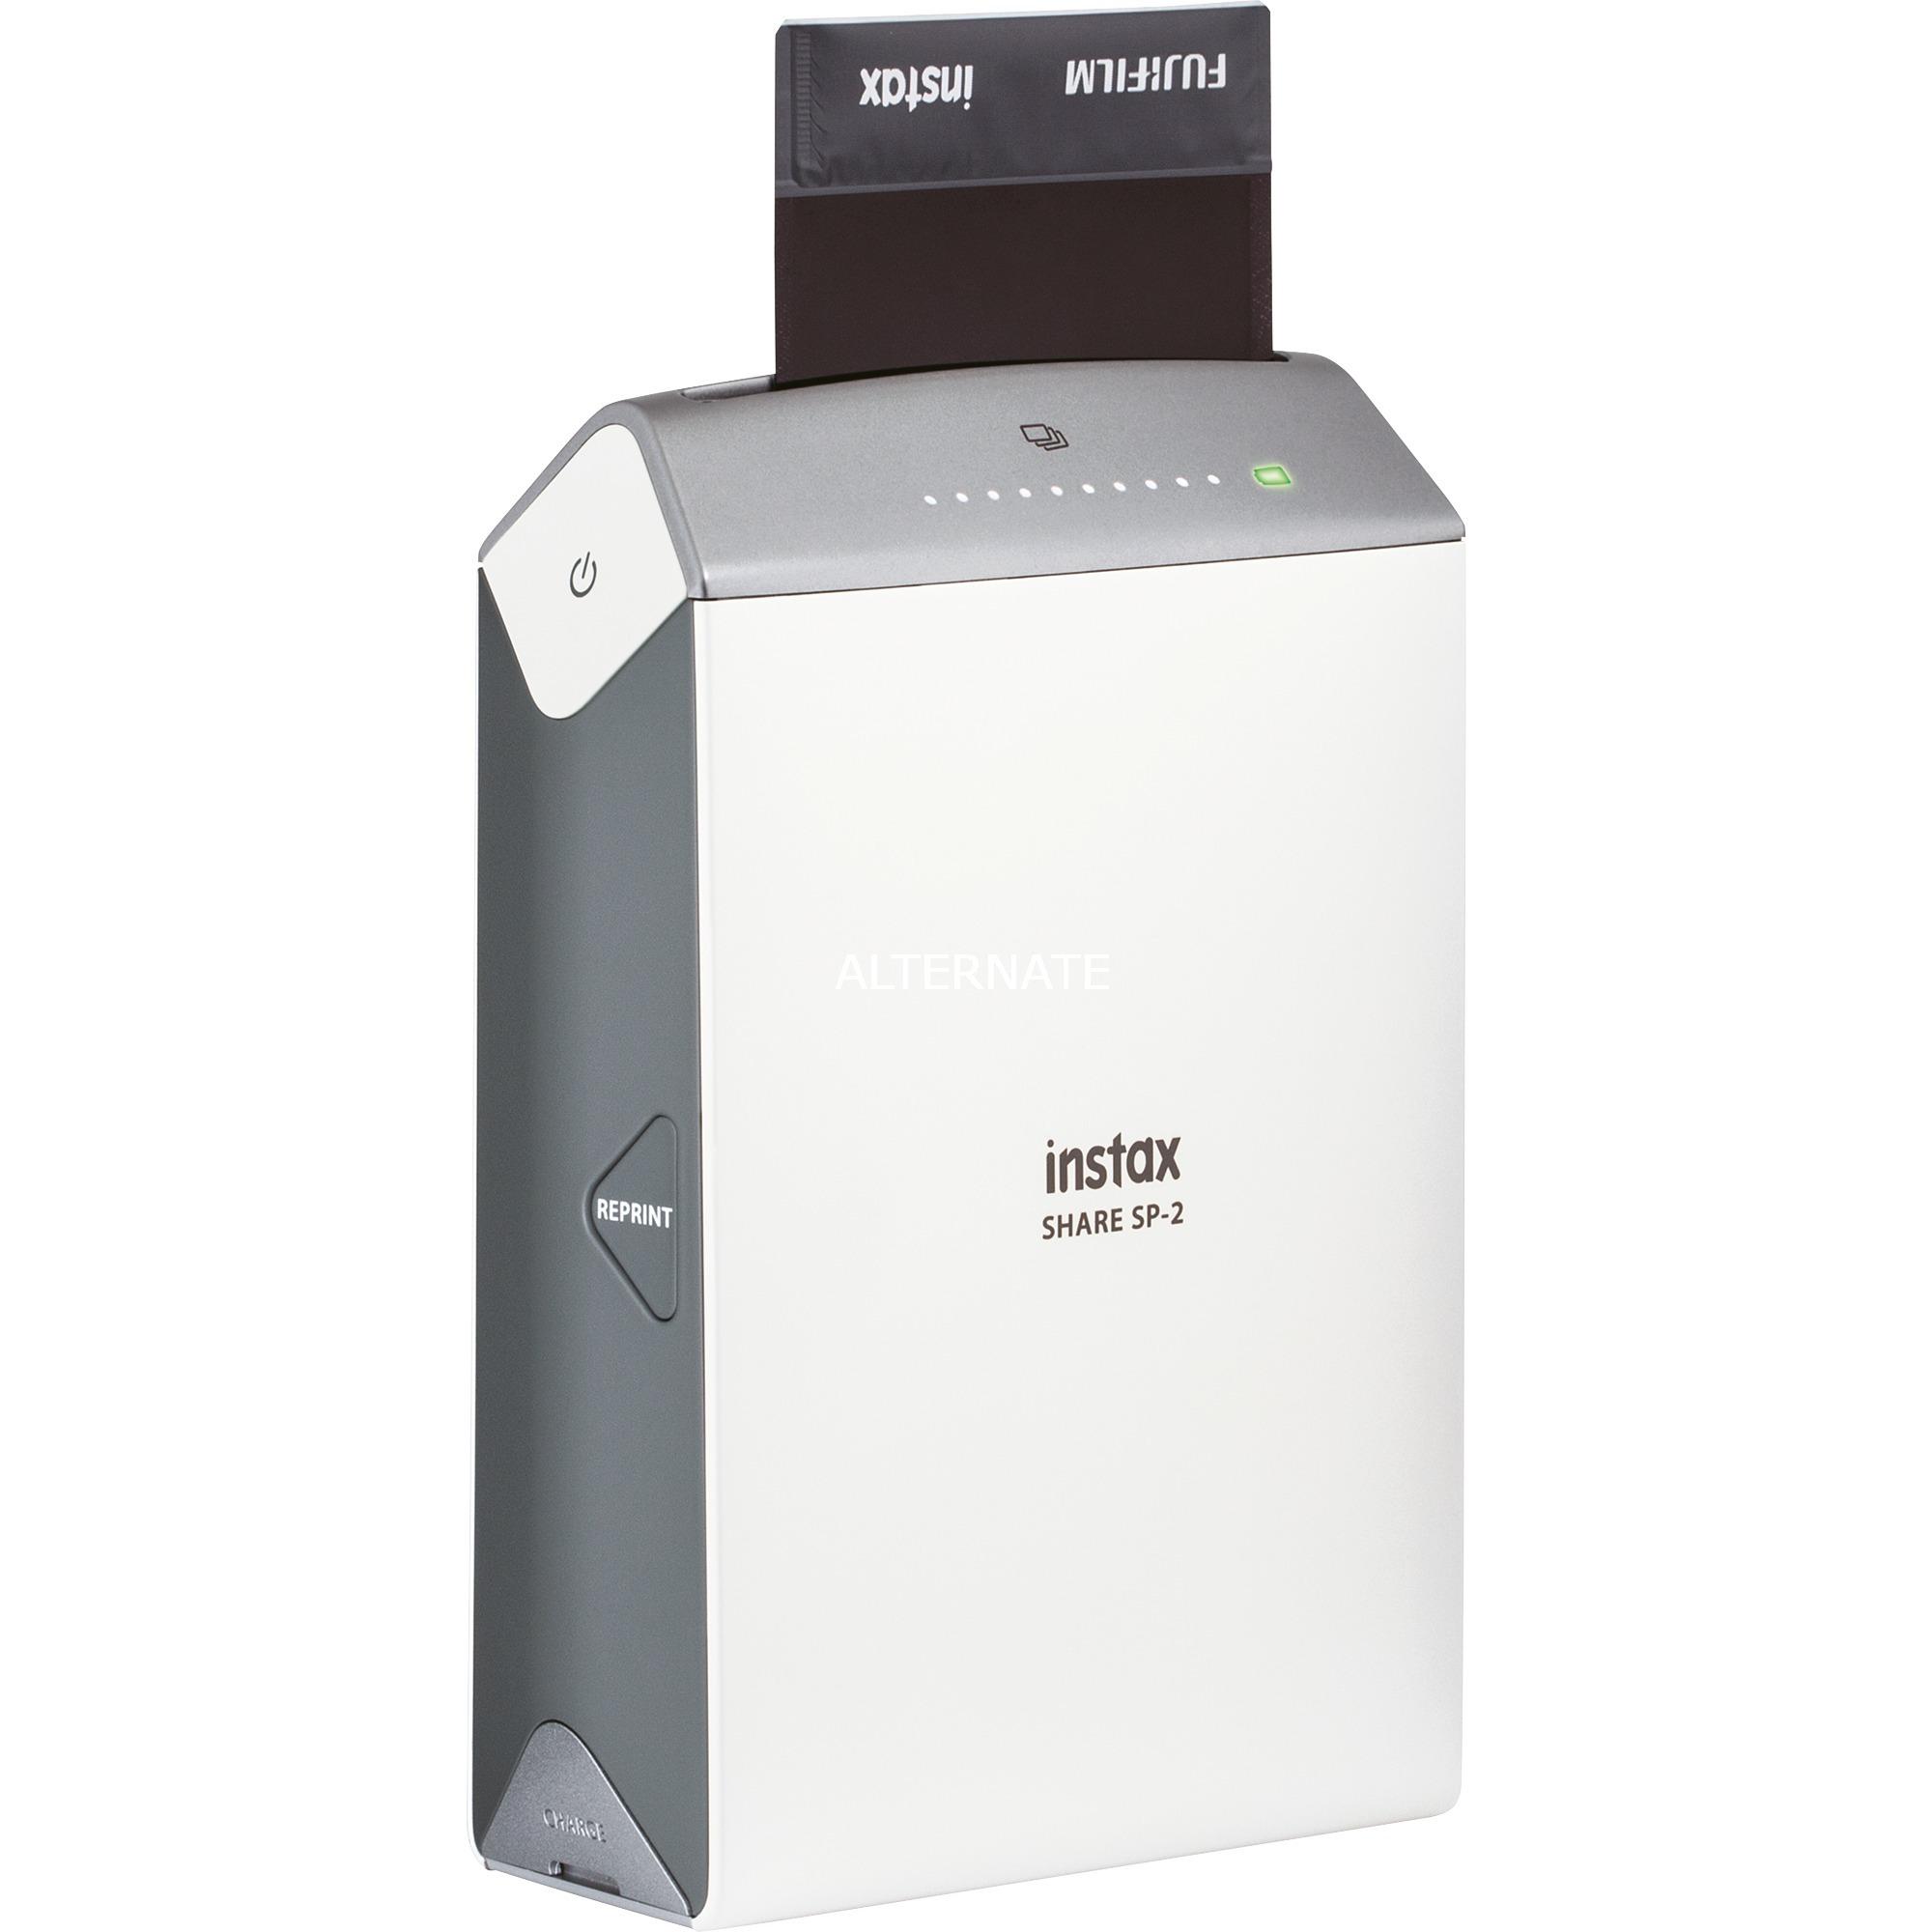 Instax Share SP-2 impresora de foto Inyección de tinta 320 x 320 DPI Wifi, Impresora de fotos